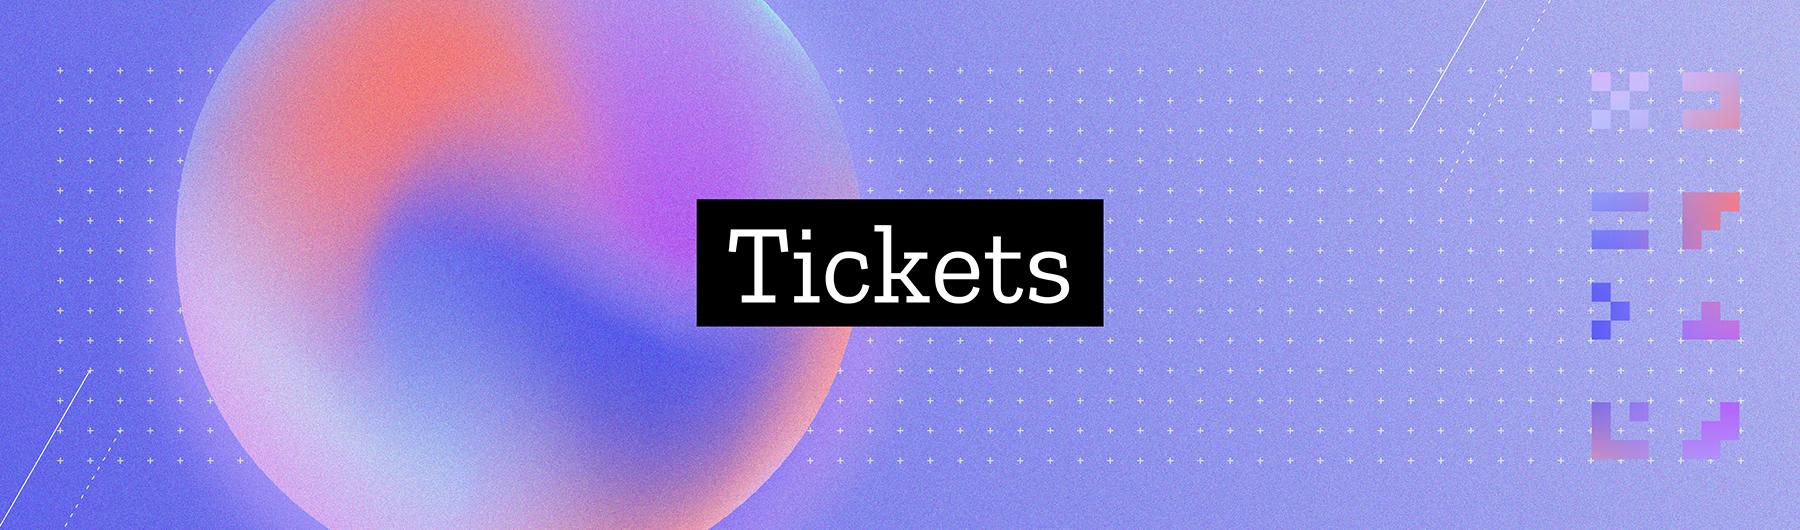 Mozilla Festival 2019